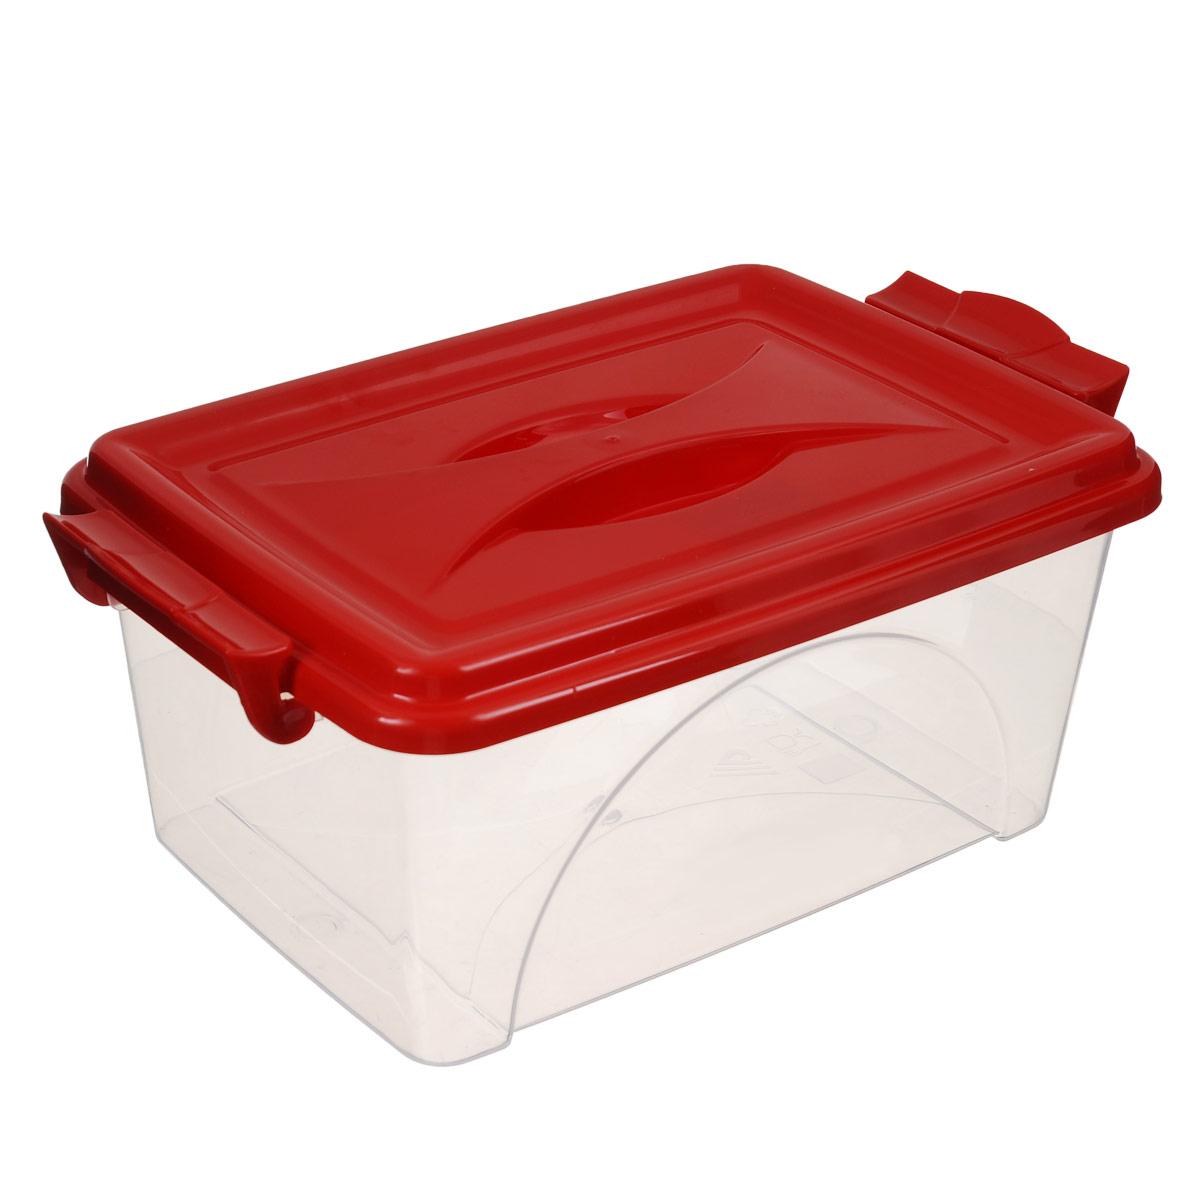 Контейнер Альтернатива, цвет: красный, 30,5 х 20 х 13,5 смМ419_красныйКонтейнер Альтернатива выполнен из прочного пластика. Он предназначен для хранения различных мелких вещей. Крышка легко открывается и плотно закрывается. Прозрачные стенки позволяют видеть содержимое. По бокам предусмотрены две удобные ручки, с помощью которых контейнер закрывается.Контейнер поможет хранить все в одном месте, а также защитить вещи от пыли, грязи и влаги.